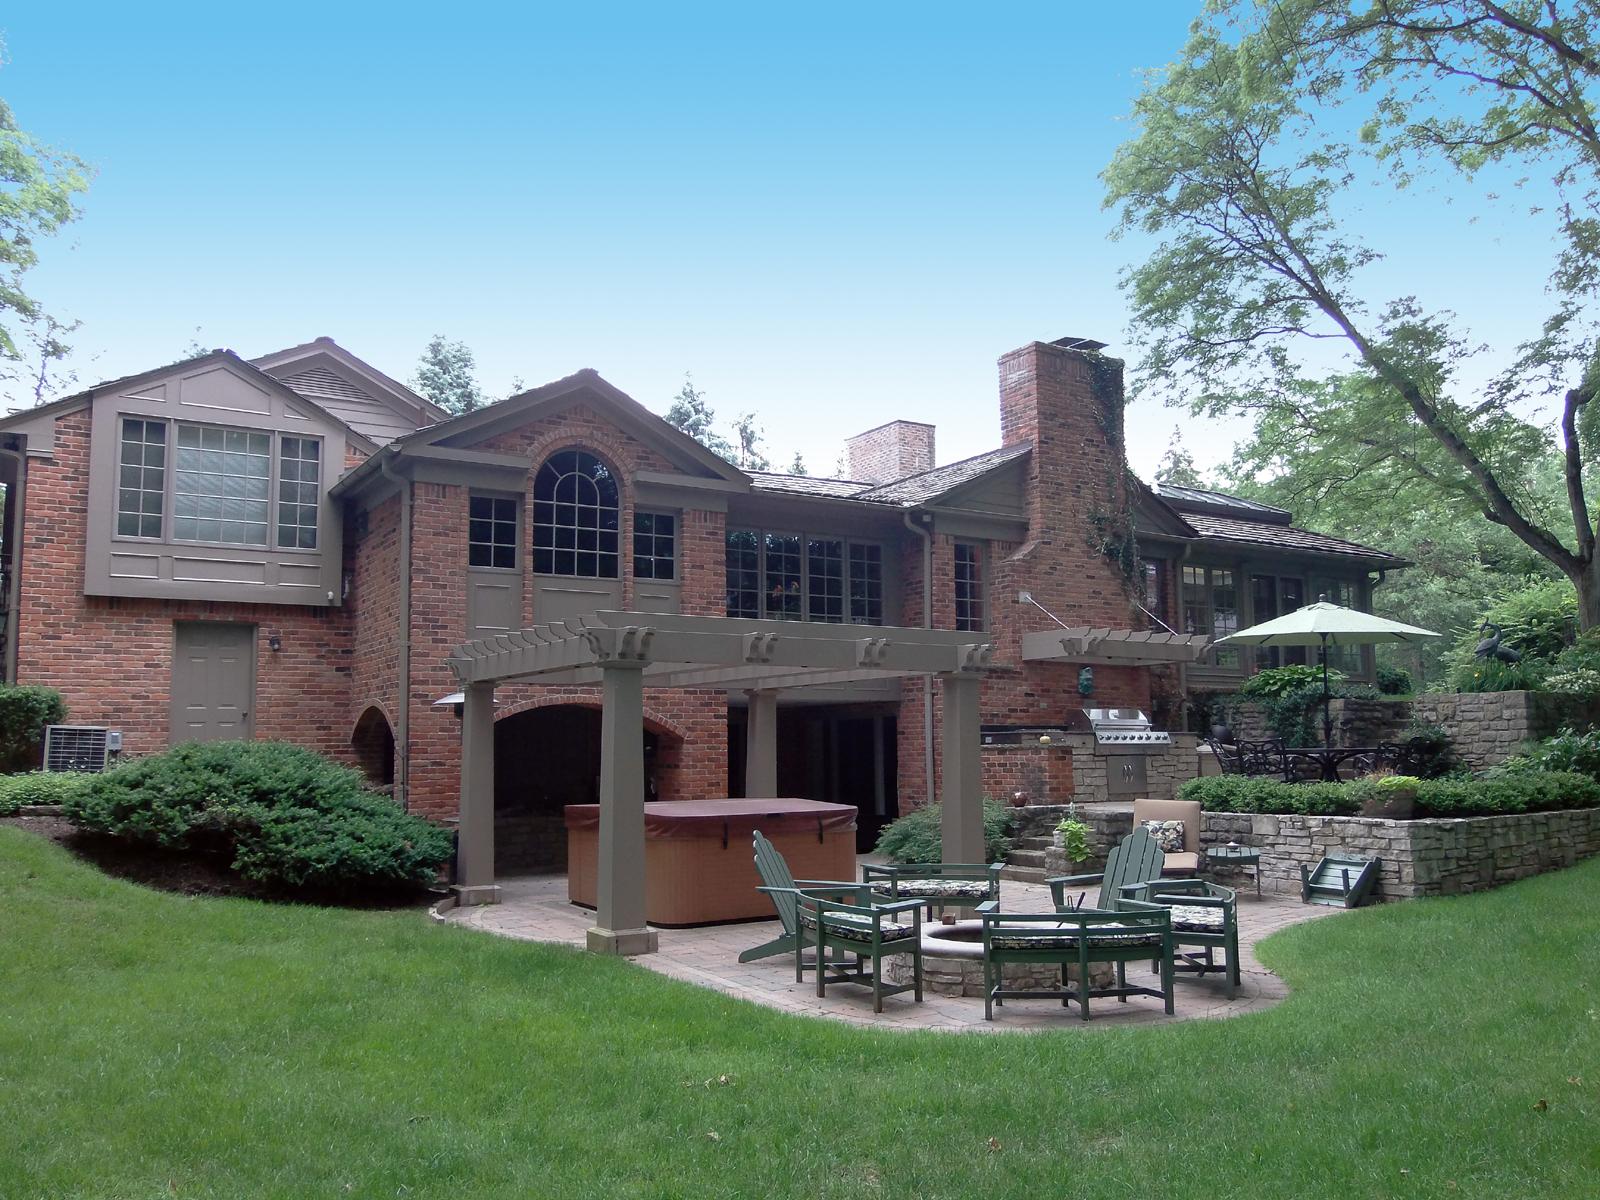 Maison unifamiliale pour l Vente à Bloomfield Hills 605 Lone Pine Road Bloomfield Hills, Michigan 48304 États-Unis